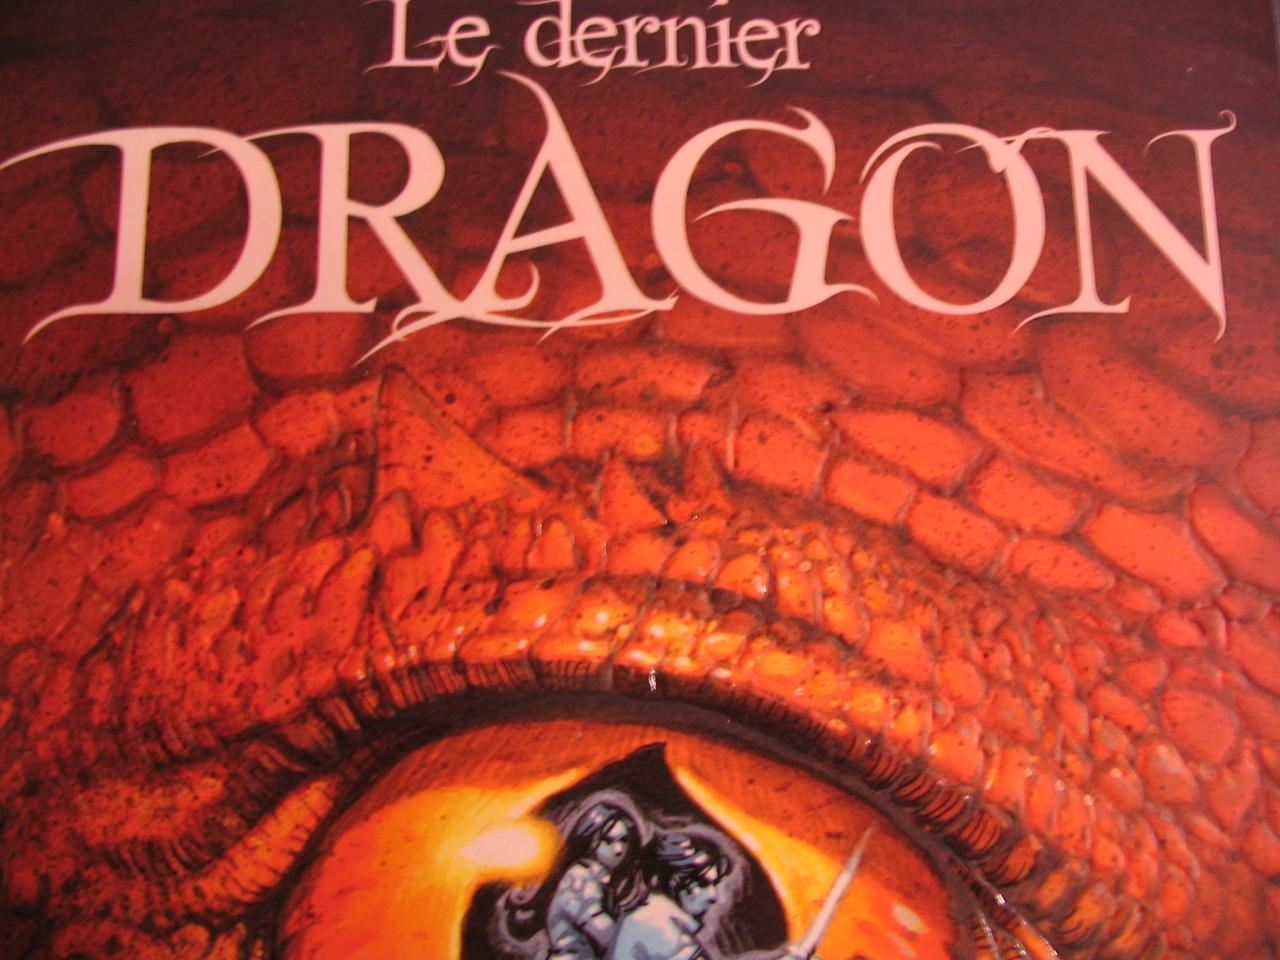 dernier dragon